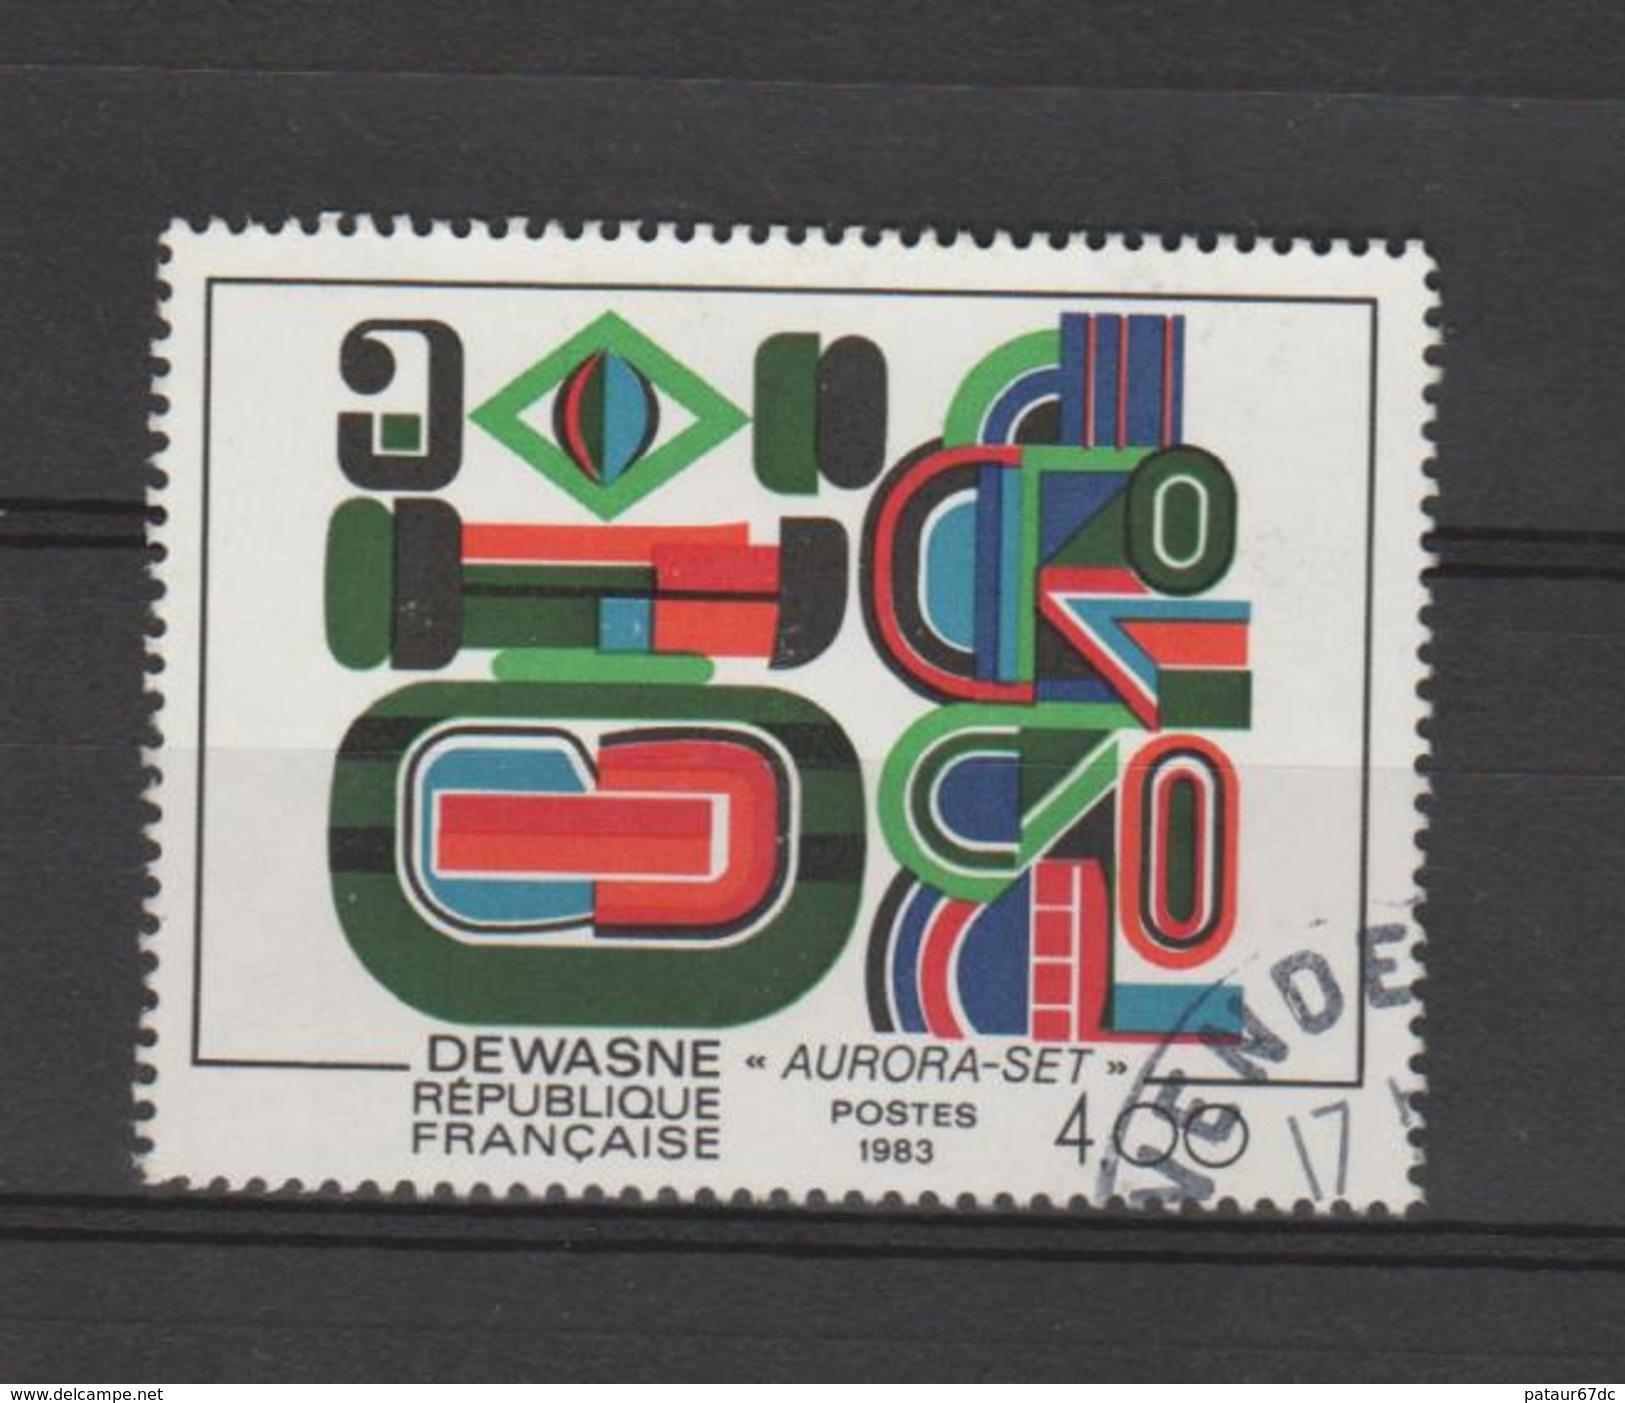 """FRANCE / 1983 / Y&T N° 2263 : """"Aurora-set"""" (DEWASNE) - Choisi - Cachet Rond - France"""